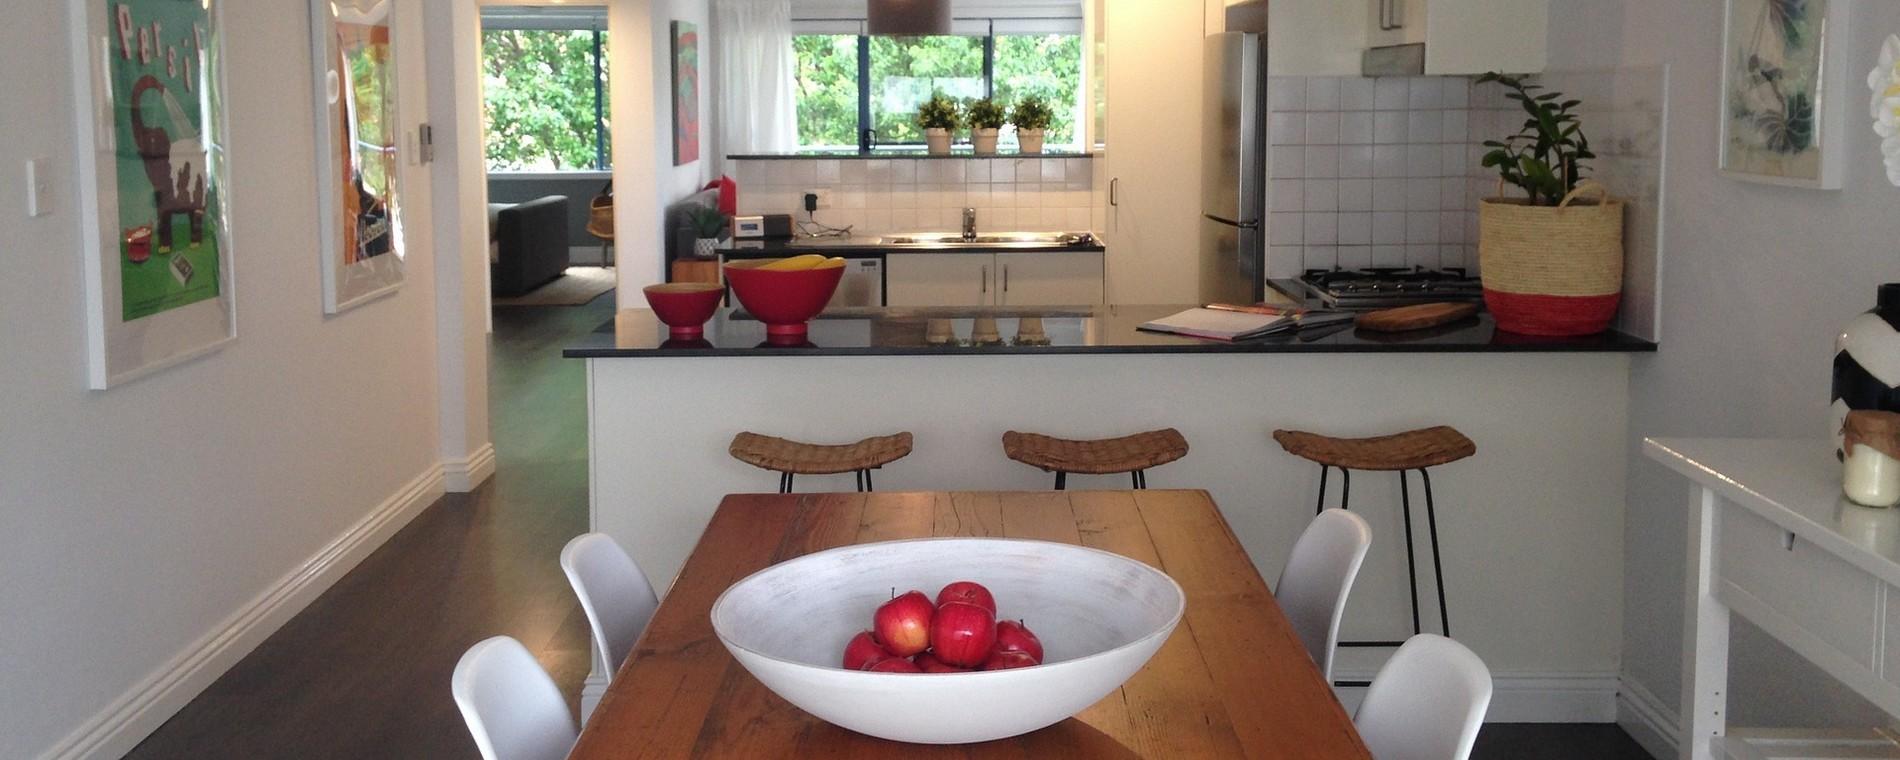 Astuce deco maison a vendre trendy photo principale with - Comment vendre ses meubles rapidement ...